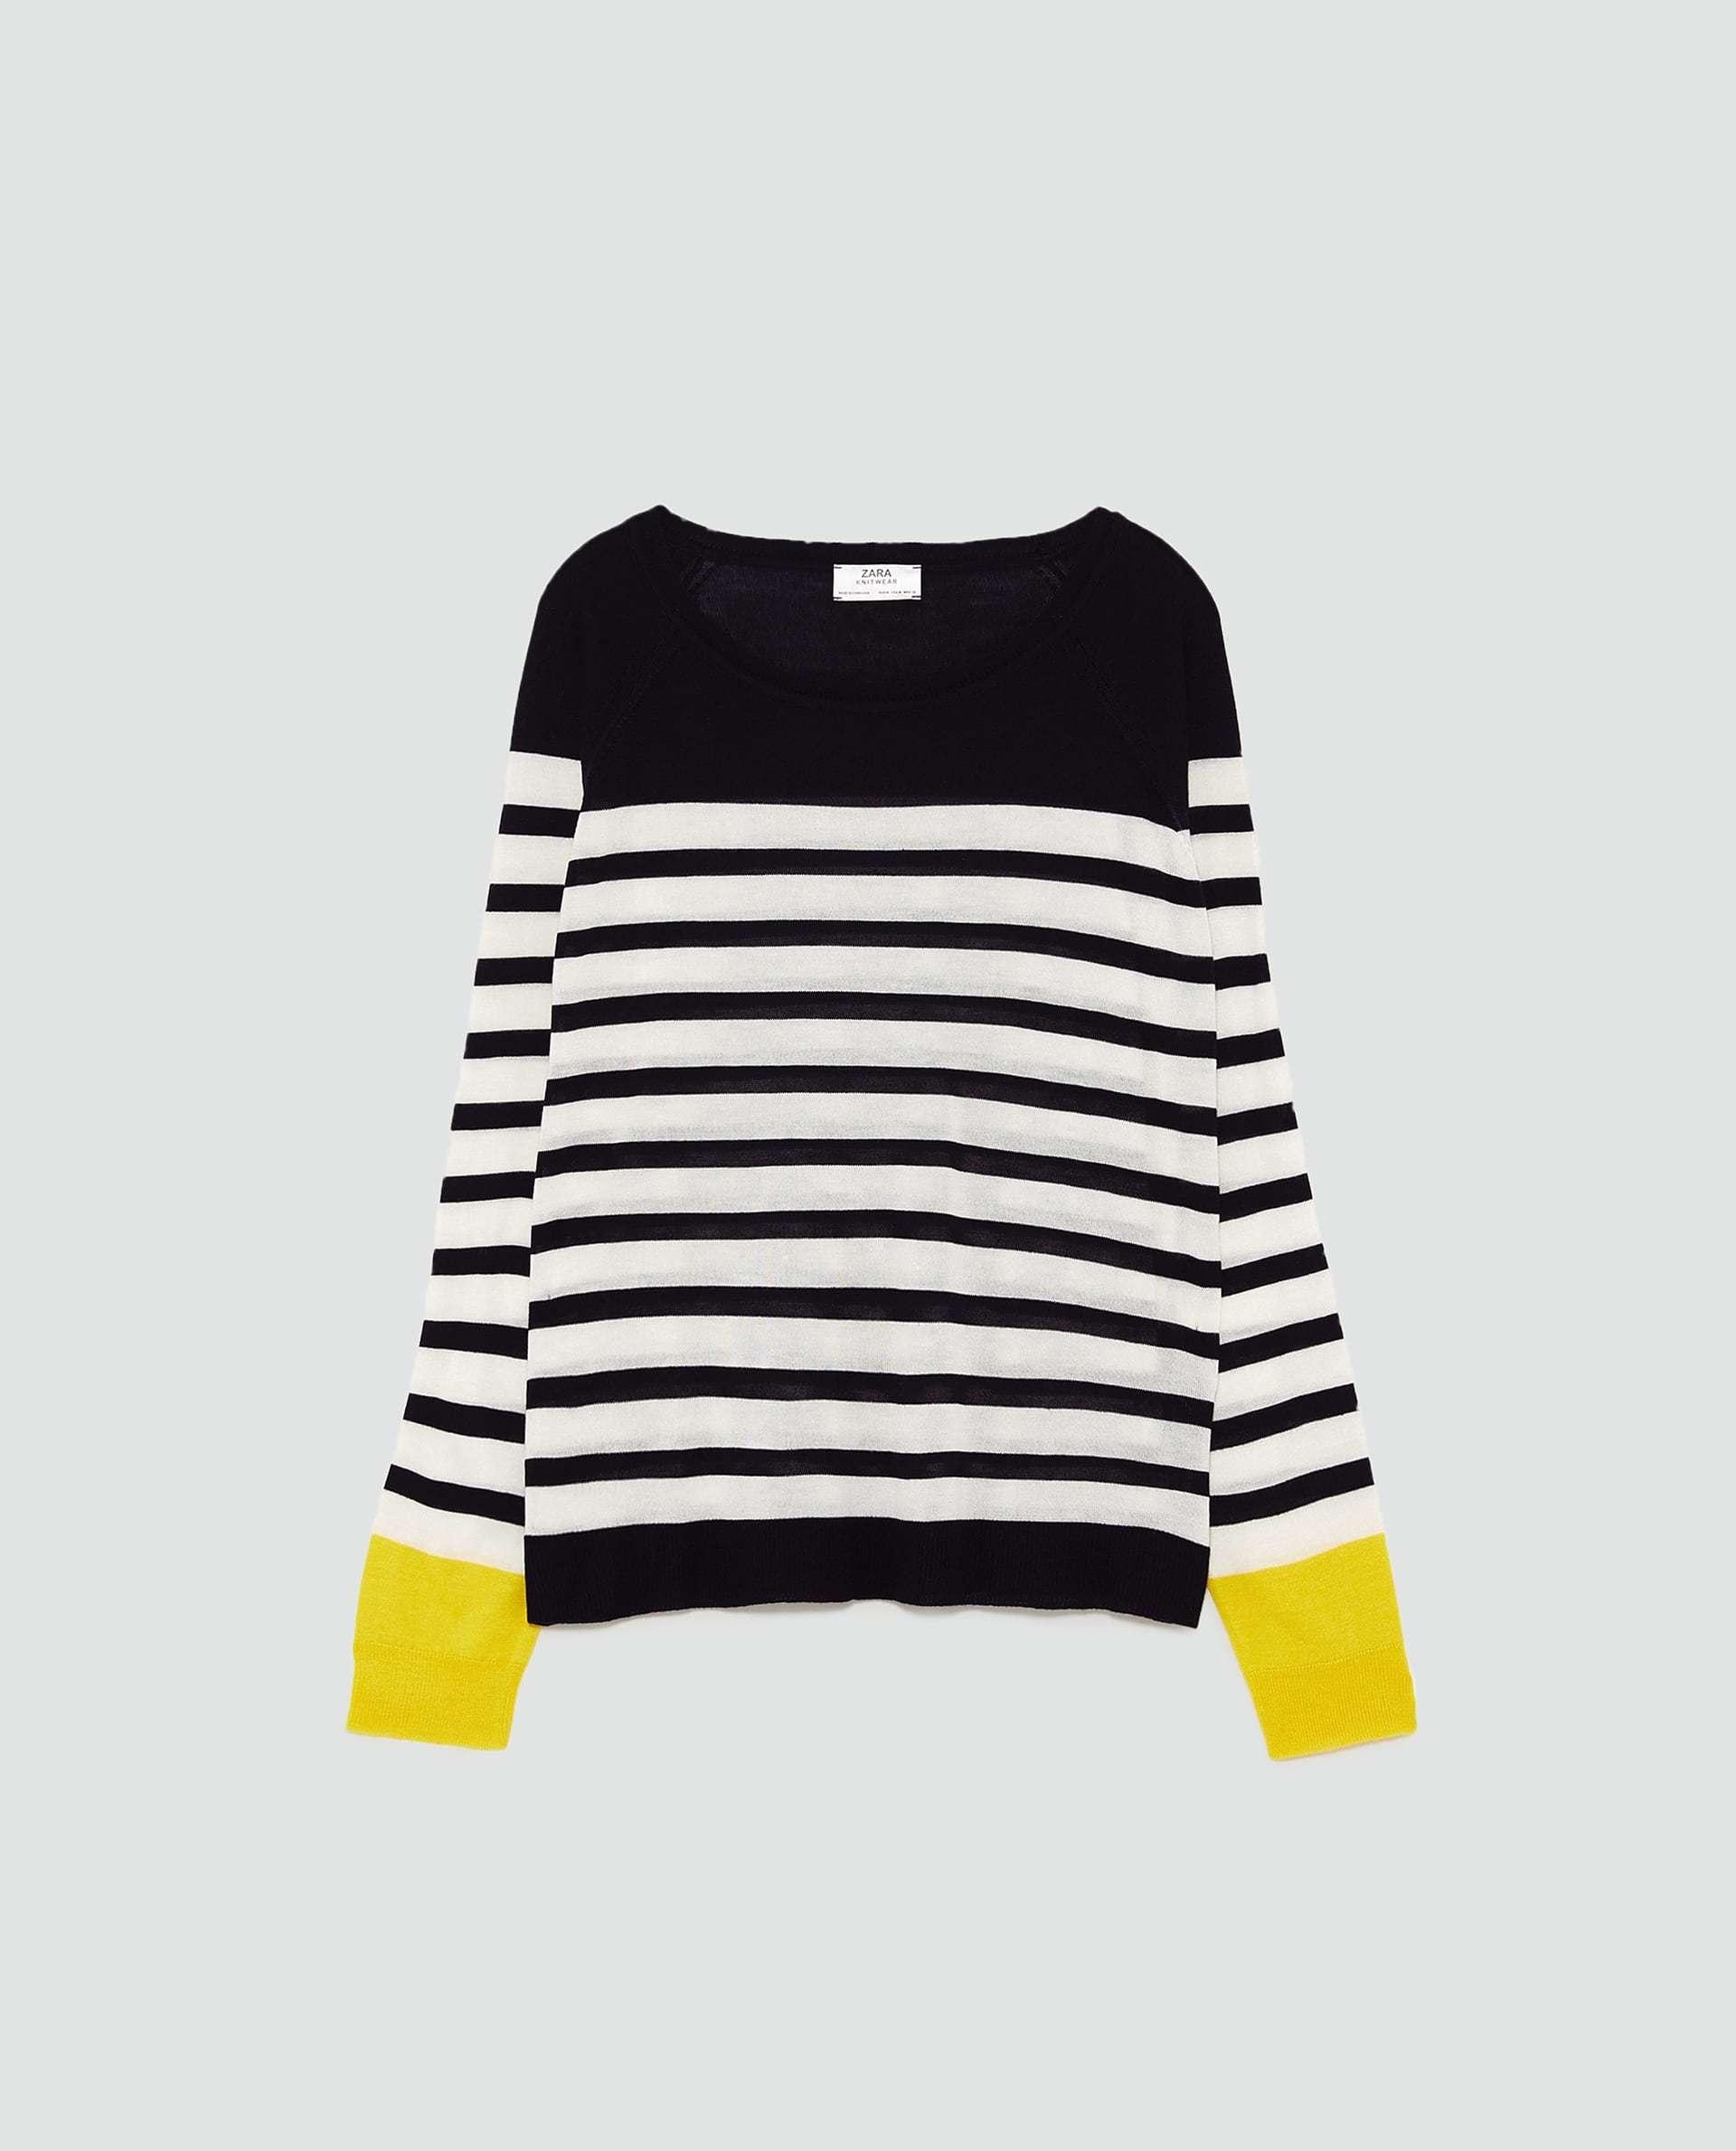 Jersey de rayas con puños amarillos de Zara (12,95 euros)